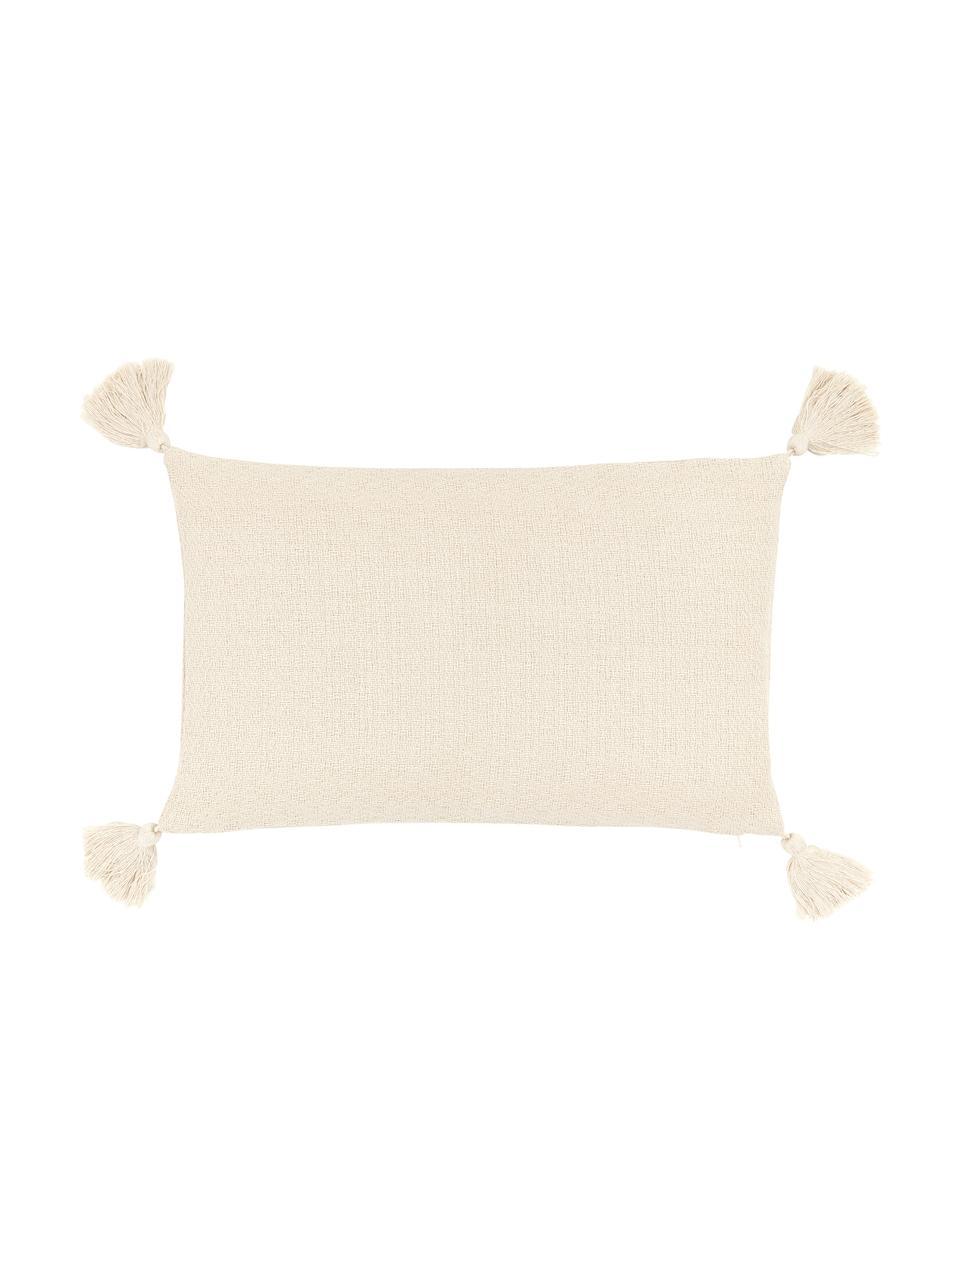 Poszewka na poduszkę z chwostami Lori, 100% bawełna, Beżowy, S 30 x D 50 cm